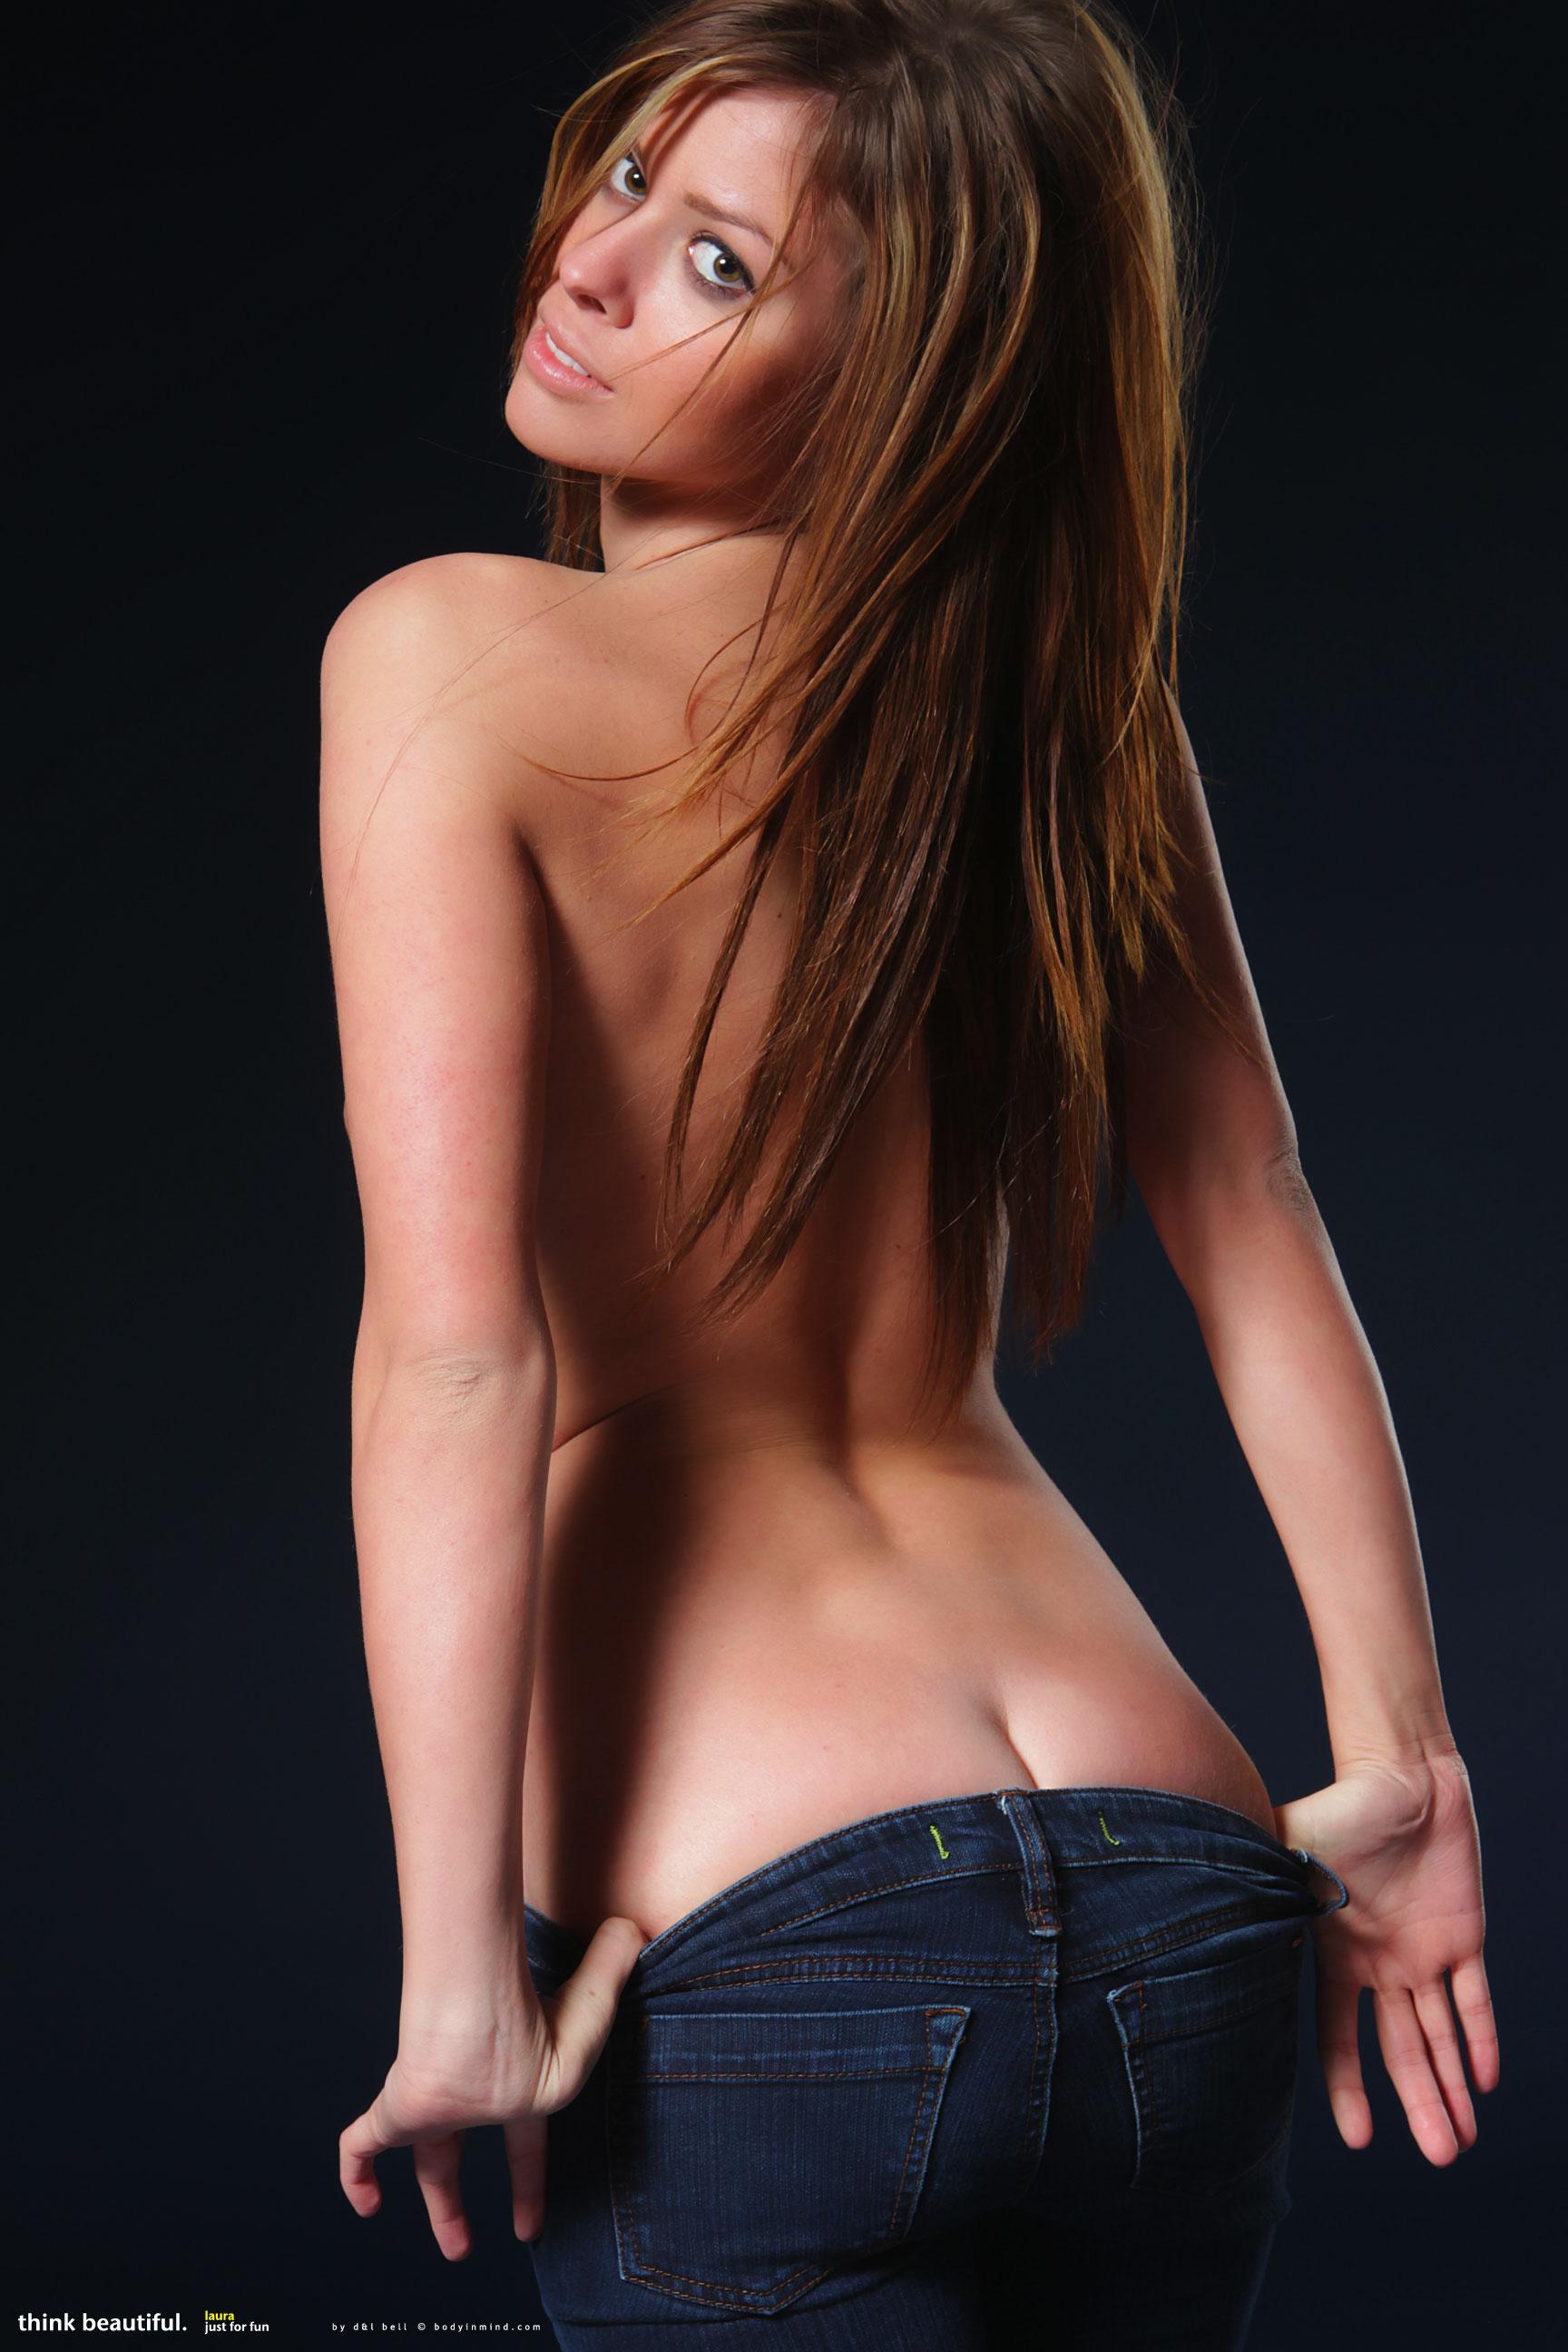 Perfect female body nude-9440